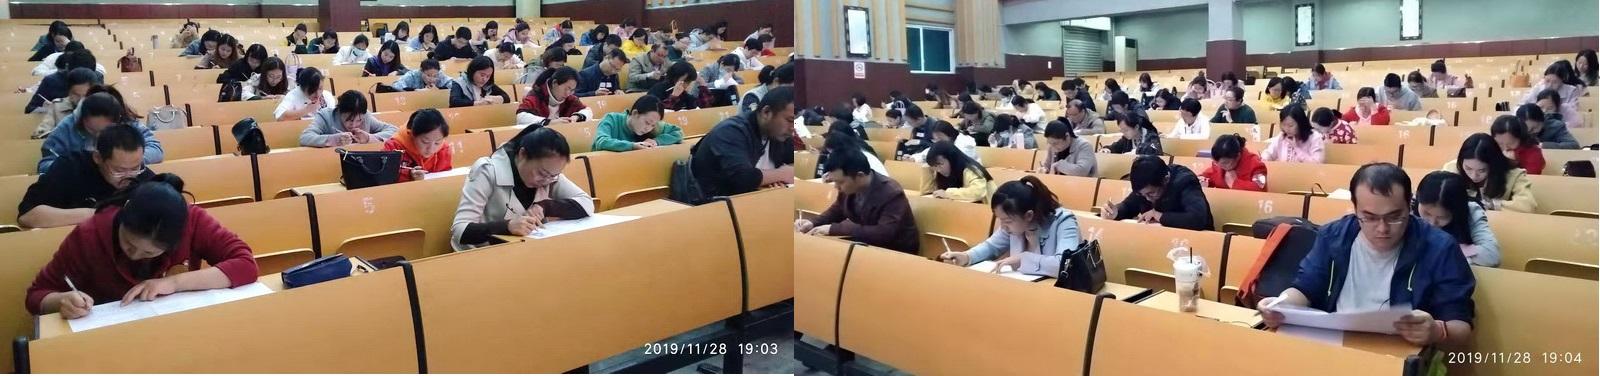 青年教师6-7.jpg